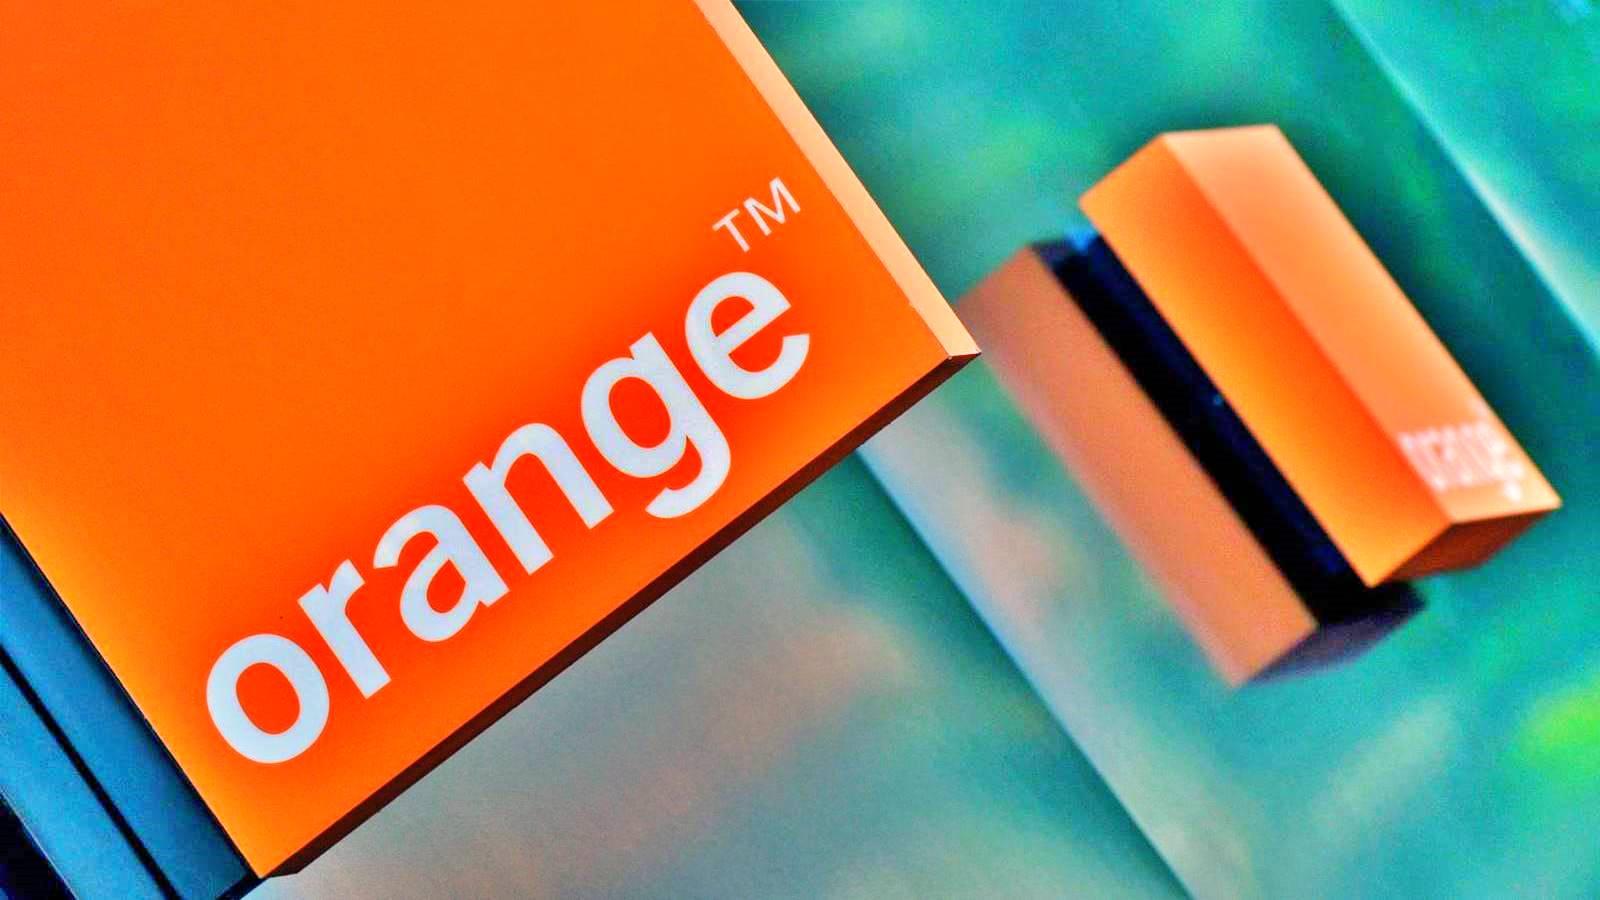 Orange favorite